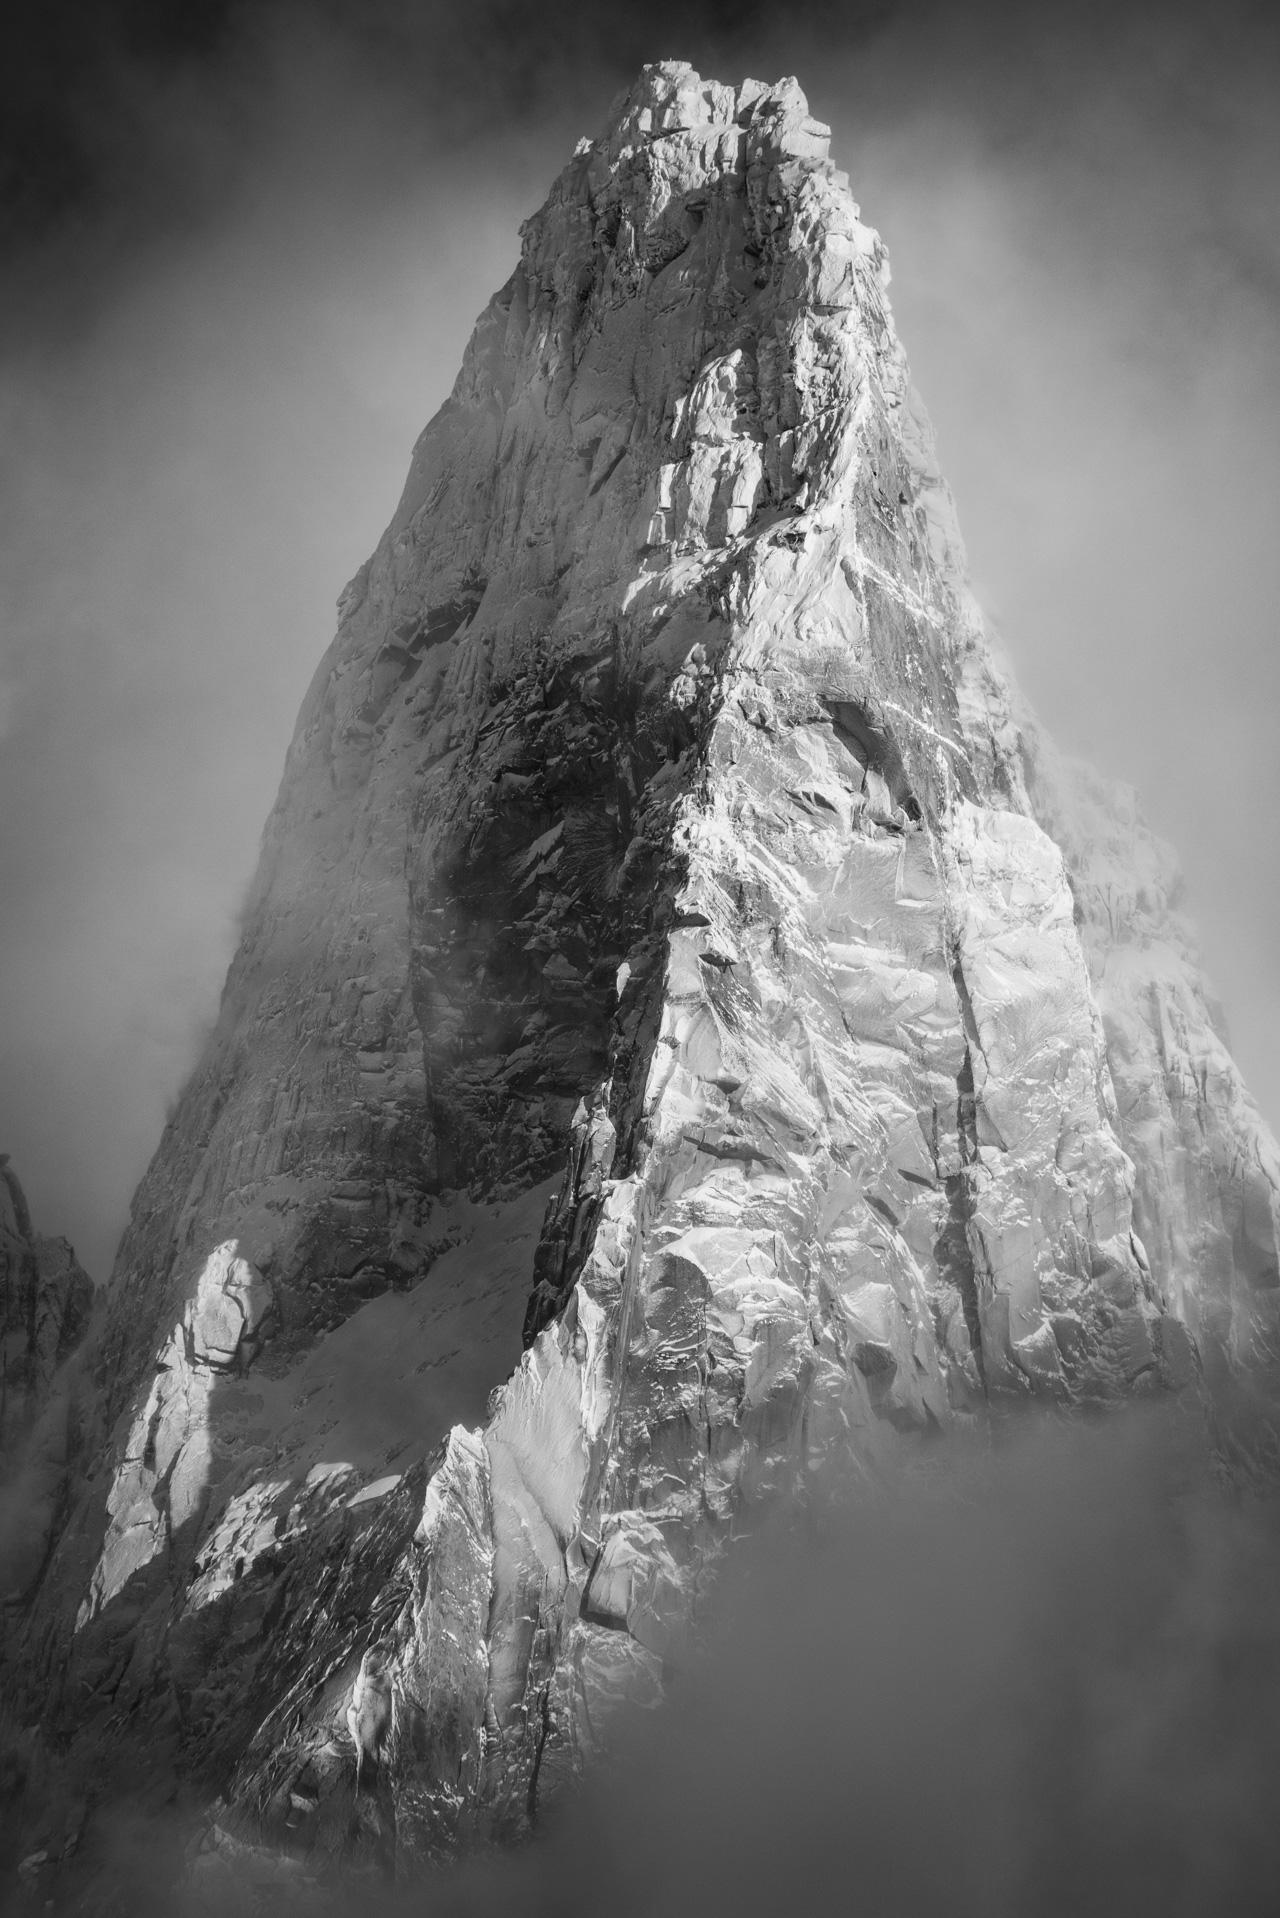 Photo noir et blanc des Drus Chamonix - Sommet des Drus après une tempète de neige qui sort de la mer de nuages